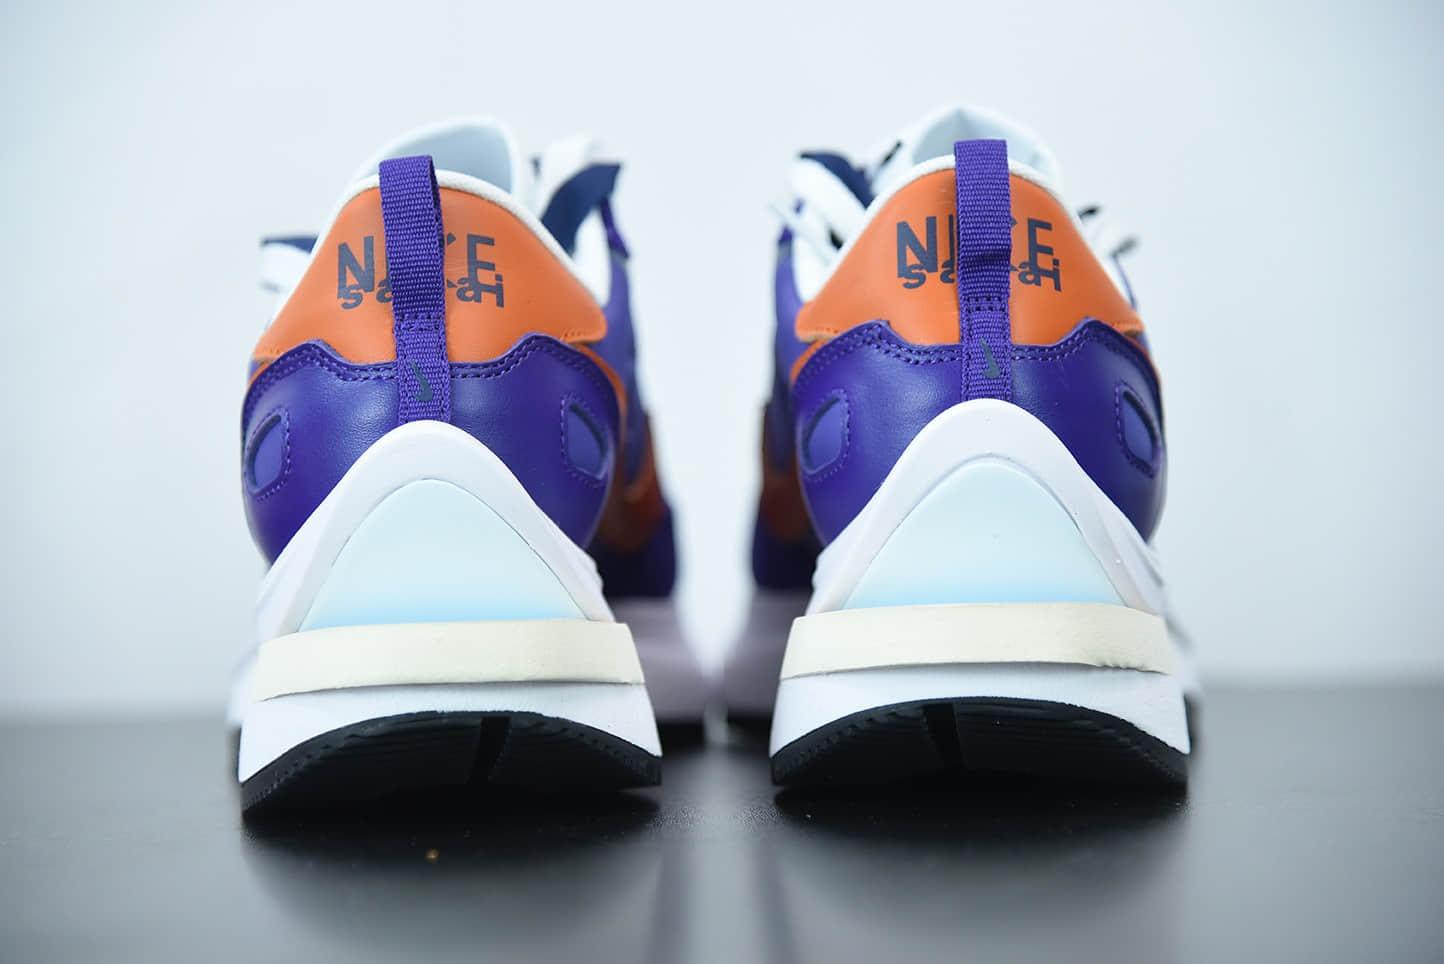 耐克Sacai X NK Vaporwaffle 华夫三代3.0橘紫配色走秀重磅联名合作款纯原版本 货号:DD1875-200